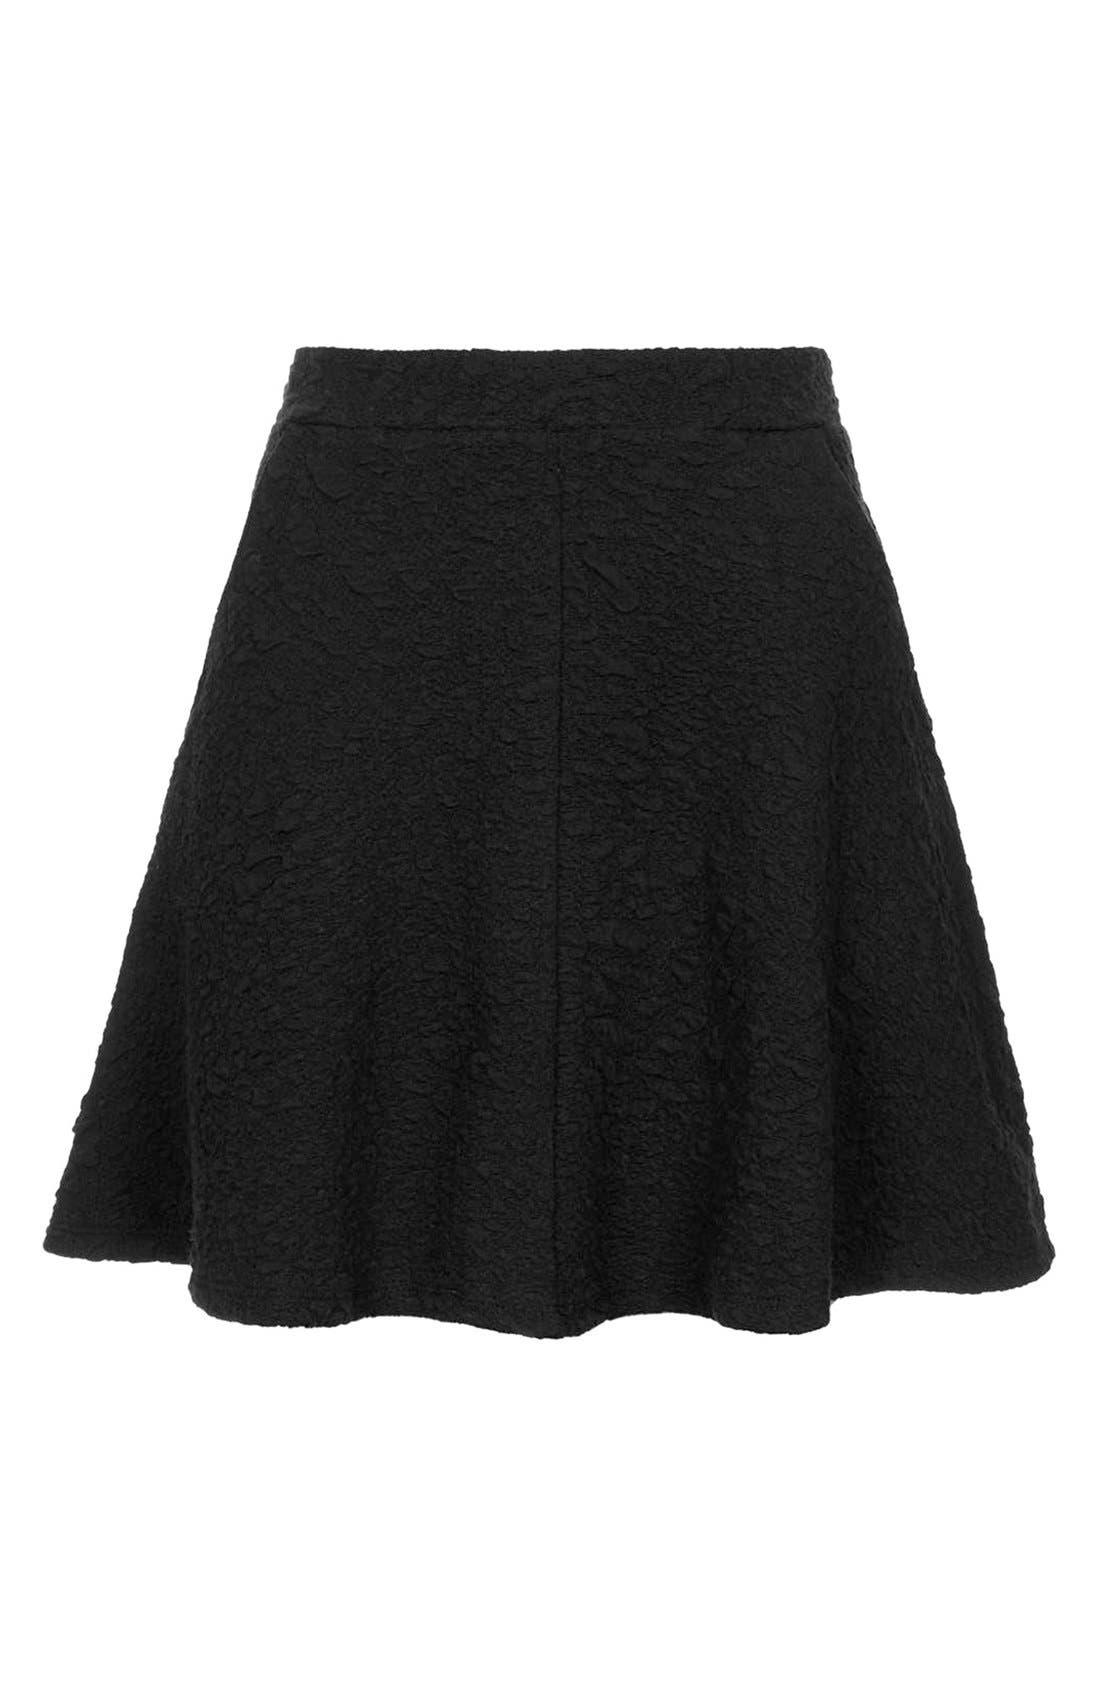 Alternate Image 3  - Topshop Jacquard Skater Skirt